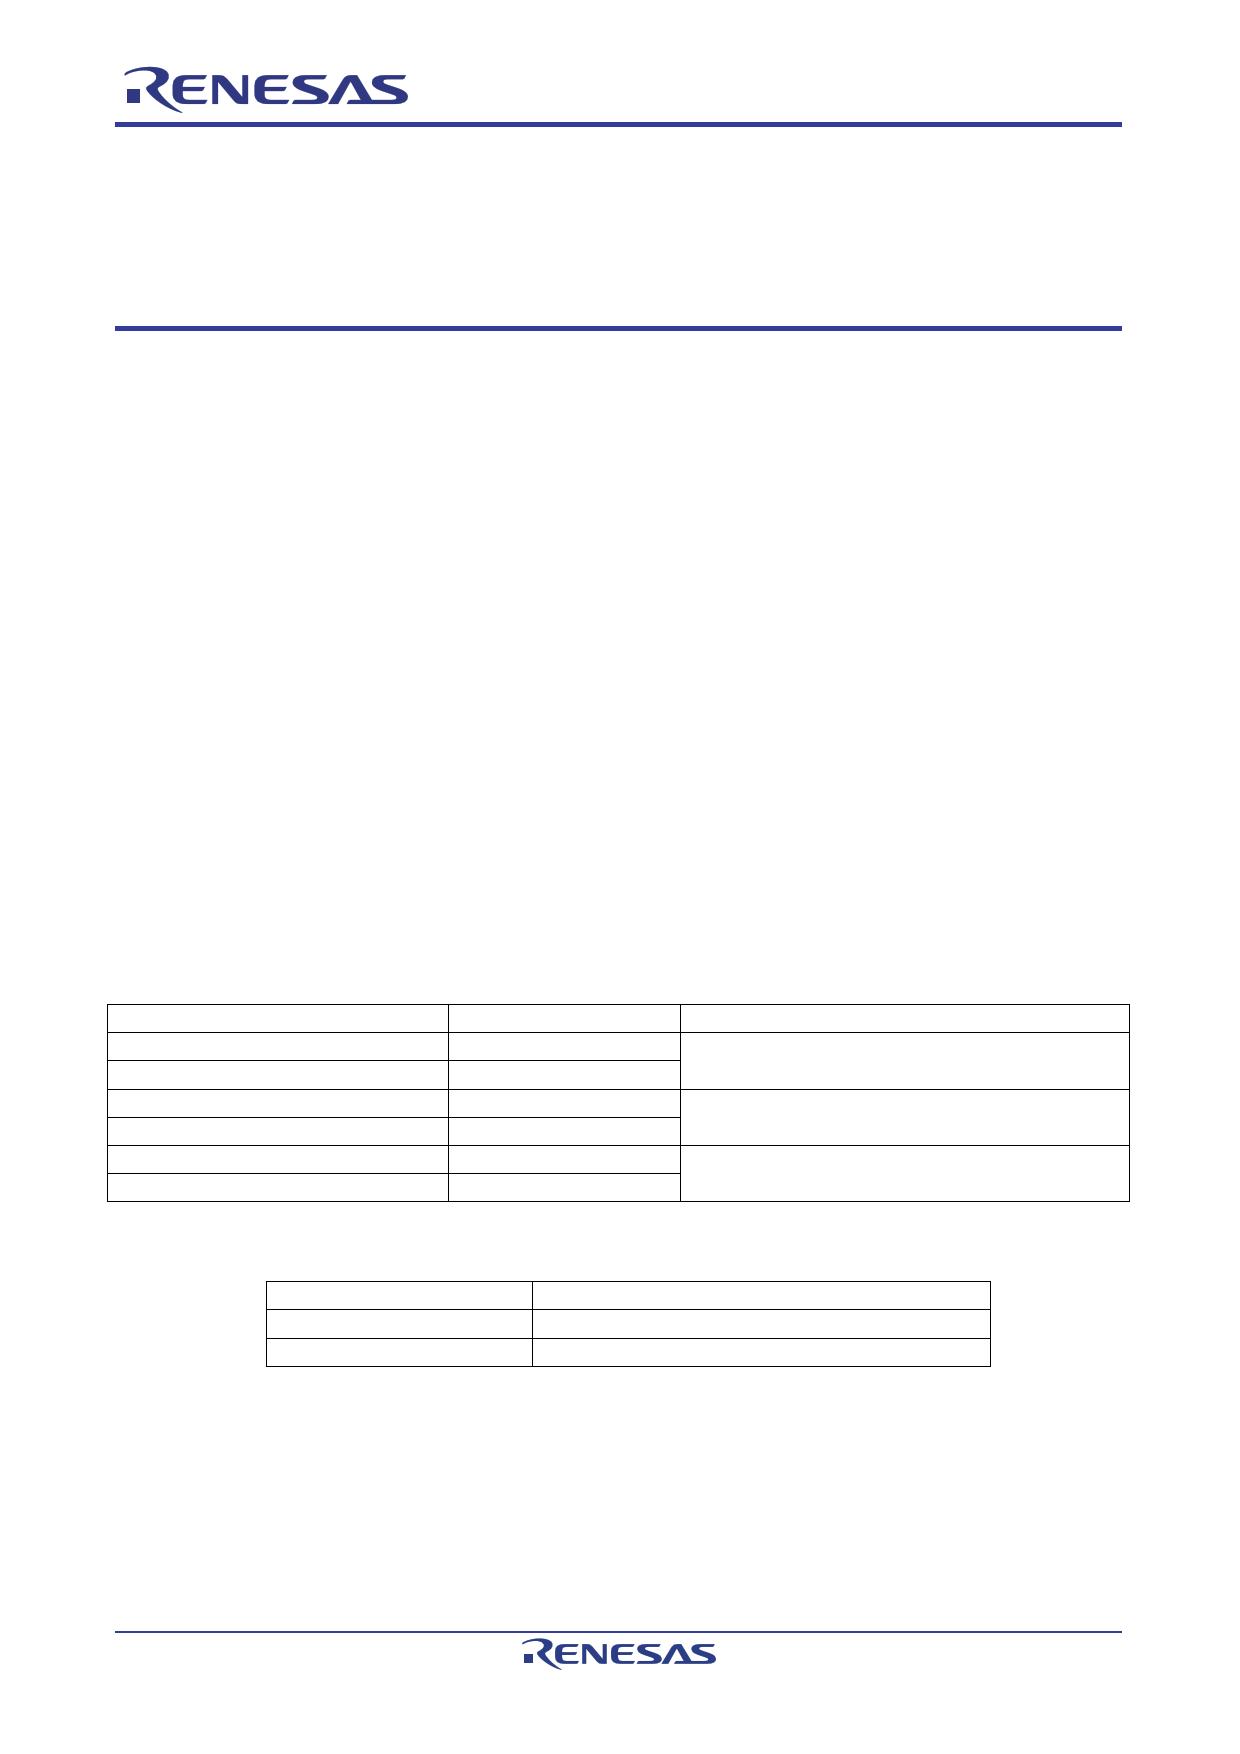 R1WV6416R datasheet